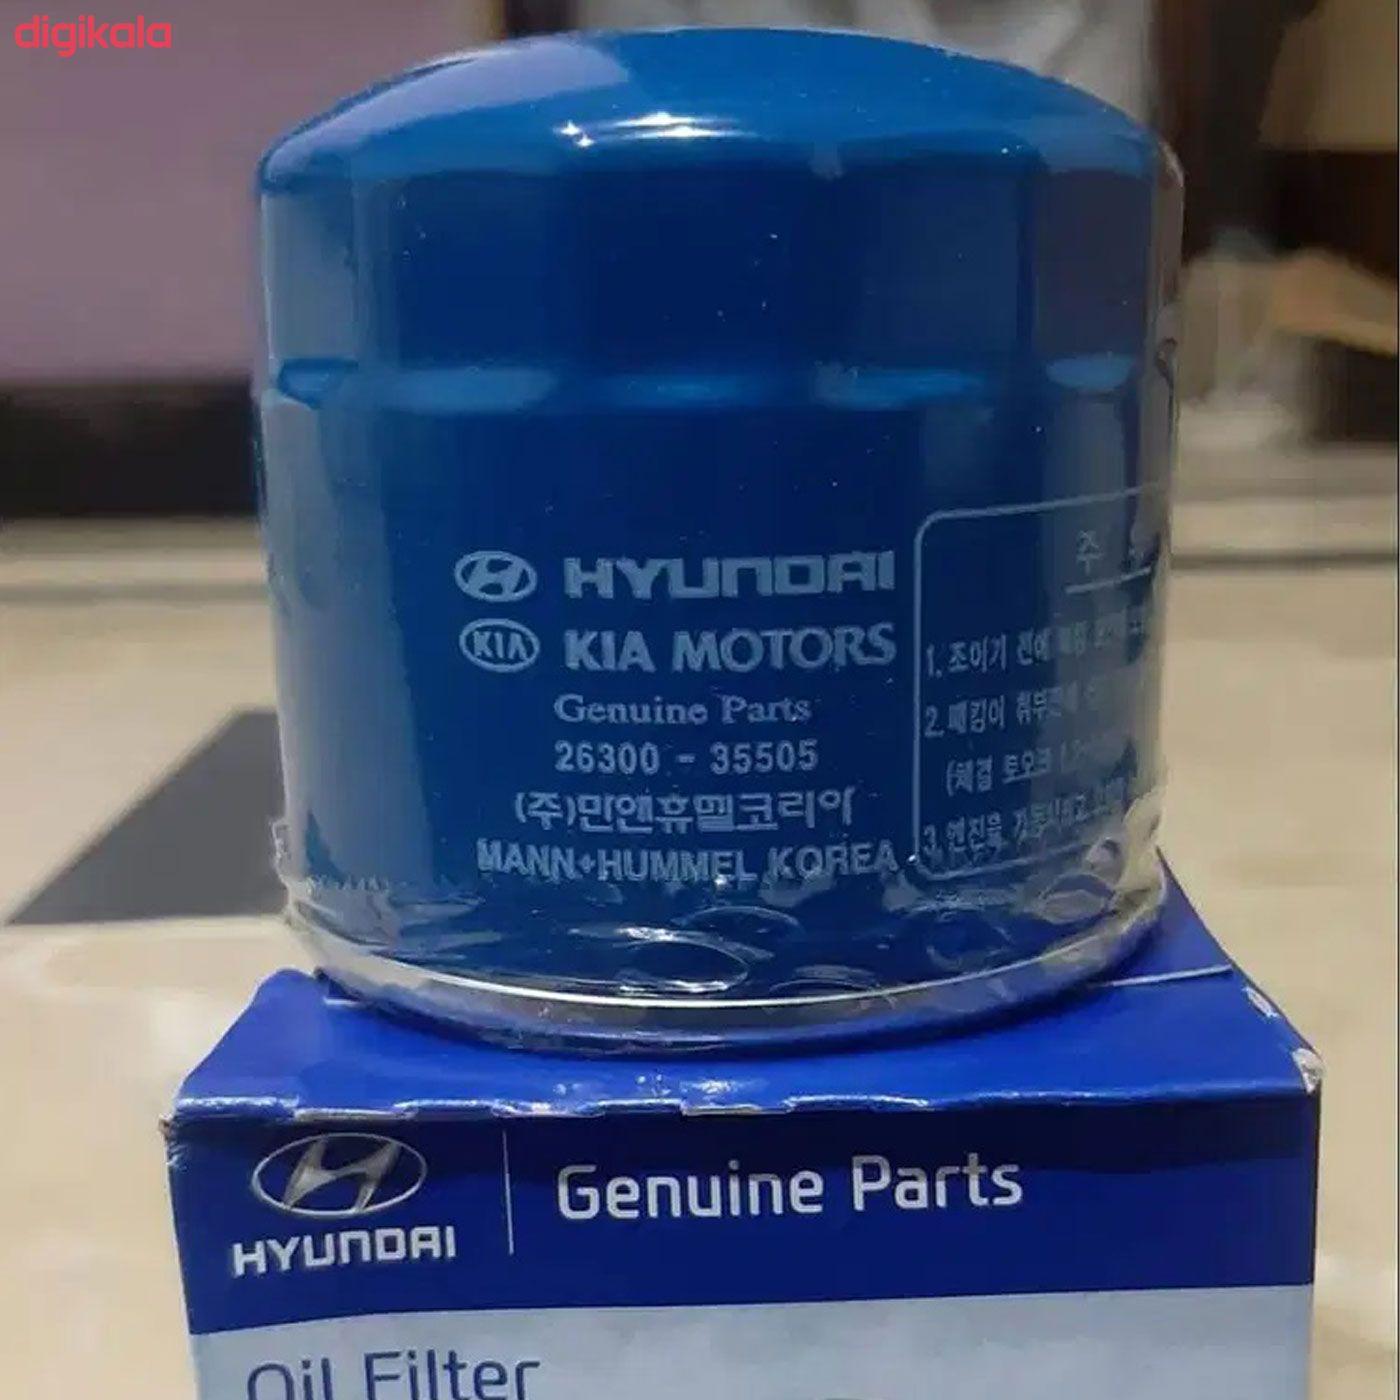 فیلتر روغن خودرو هیوندای جنیون پارتس مدل 35505 مناسب برای هیوندای ازرا گرندجور main 1 4